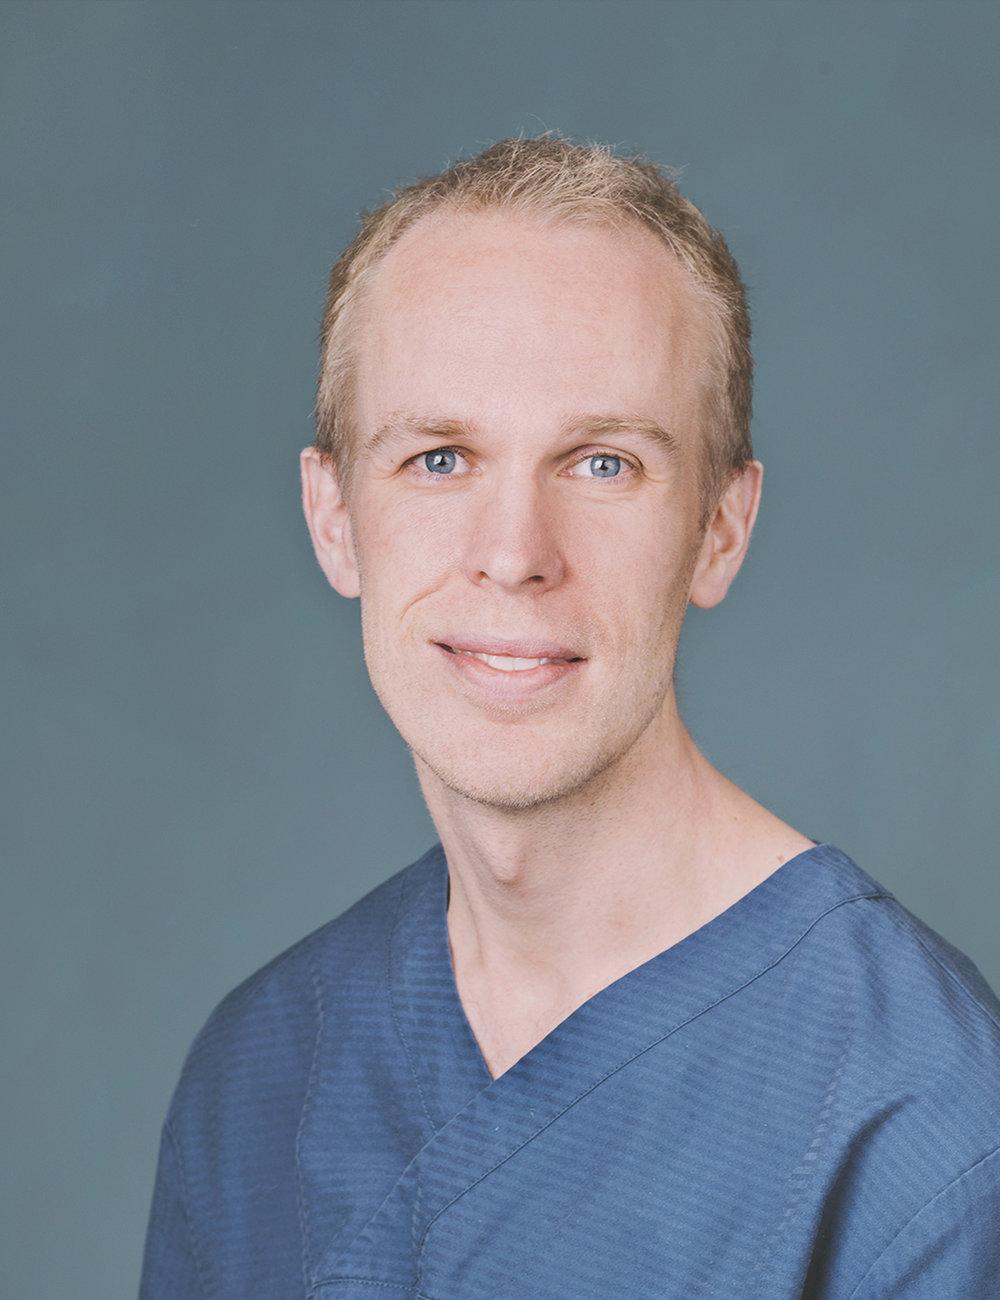 Tormod Krüger - OralkirurgUtdannet ved Universitetet i Oslo